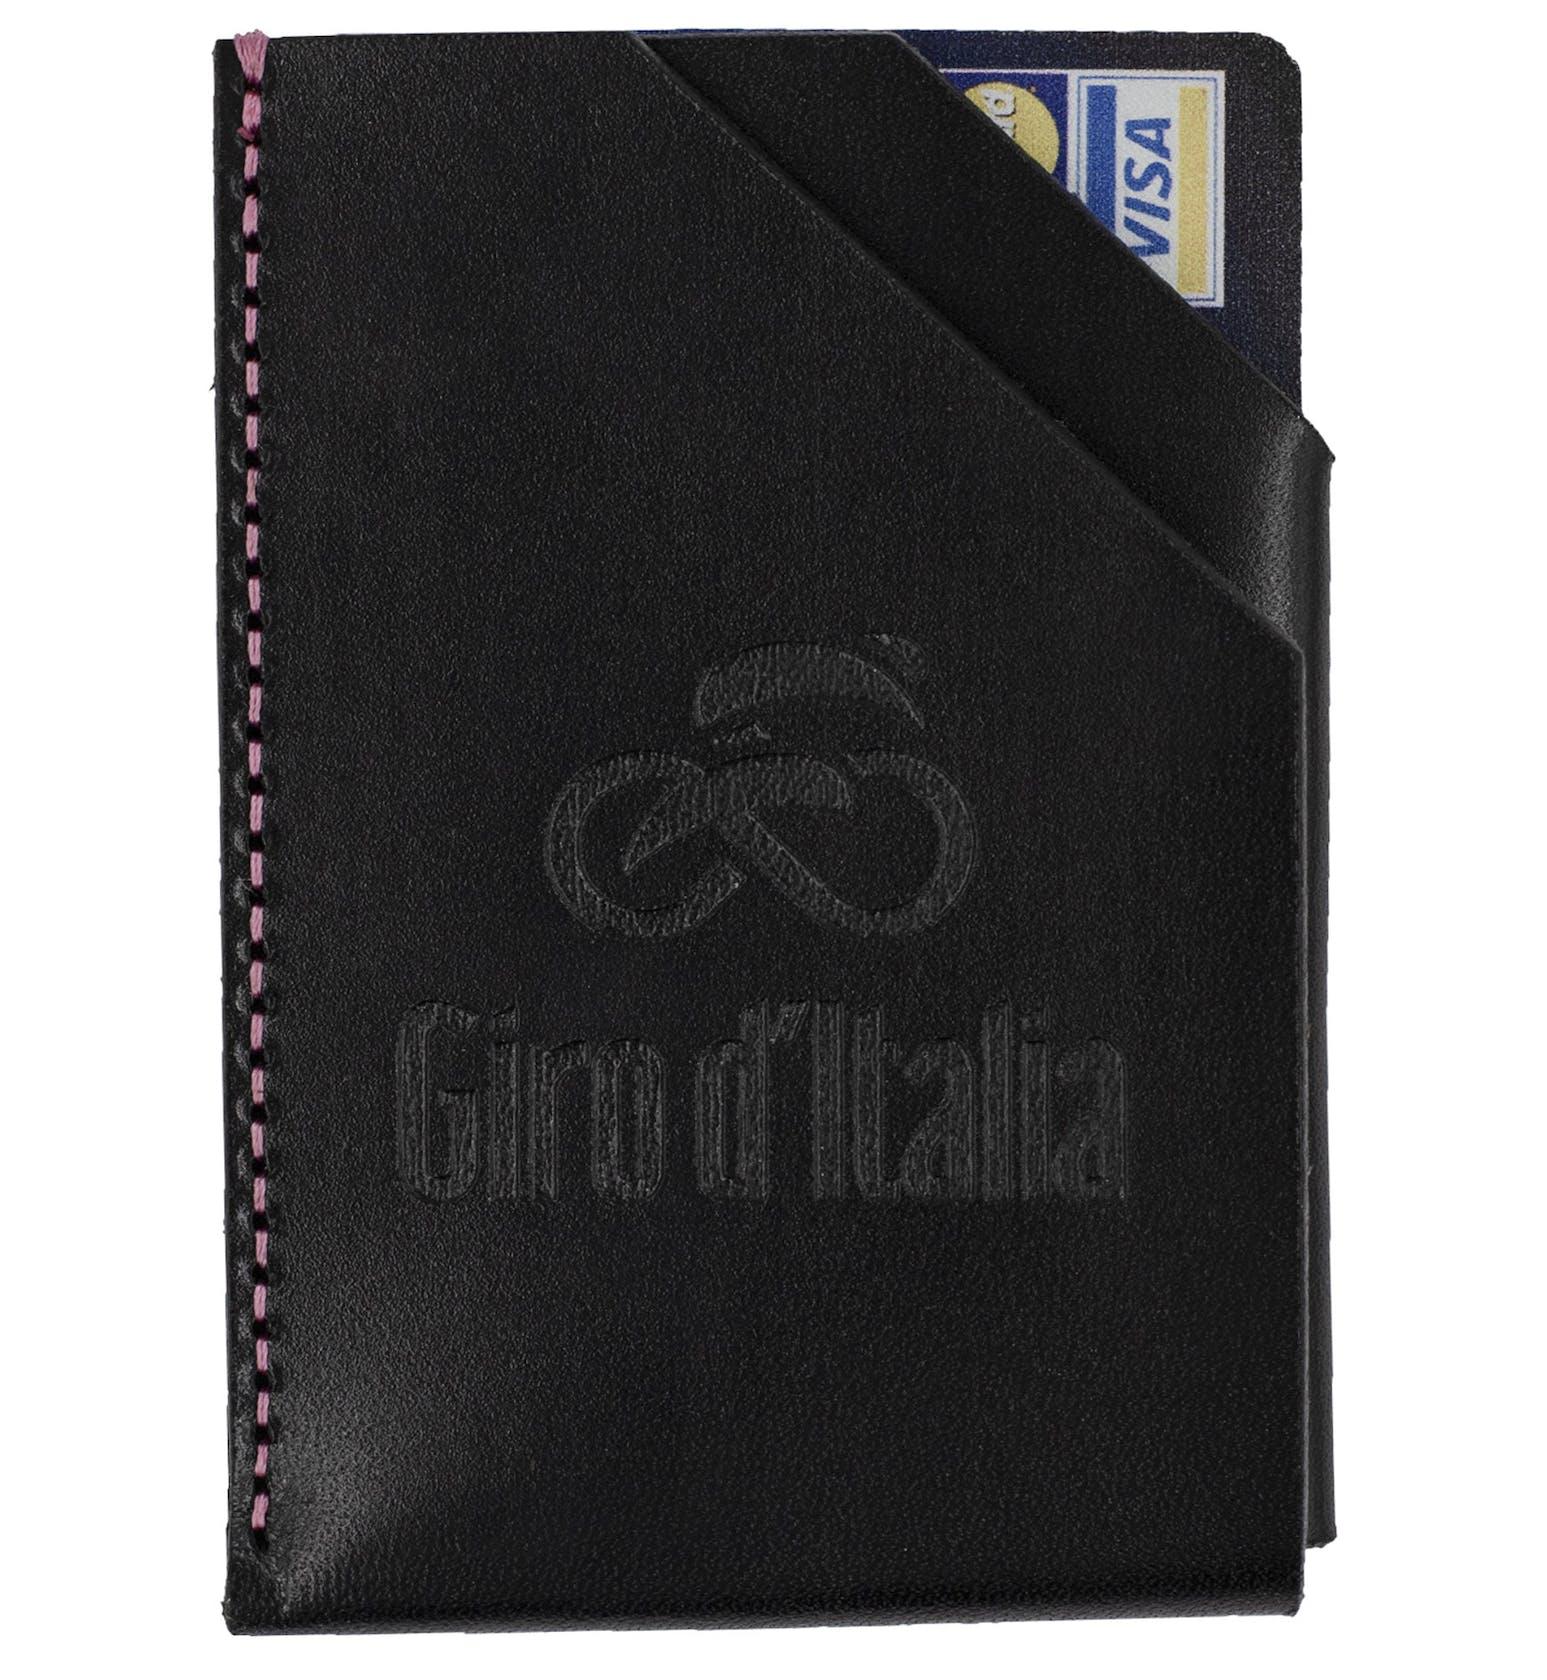 Giro d'Italia Eevye Mini Wallet - Portafoglio Giro d'Italia